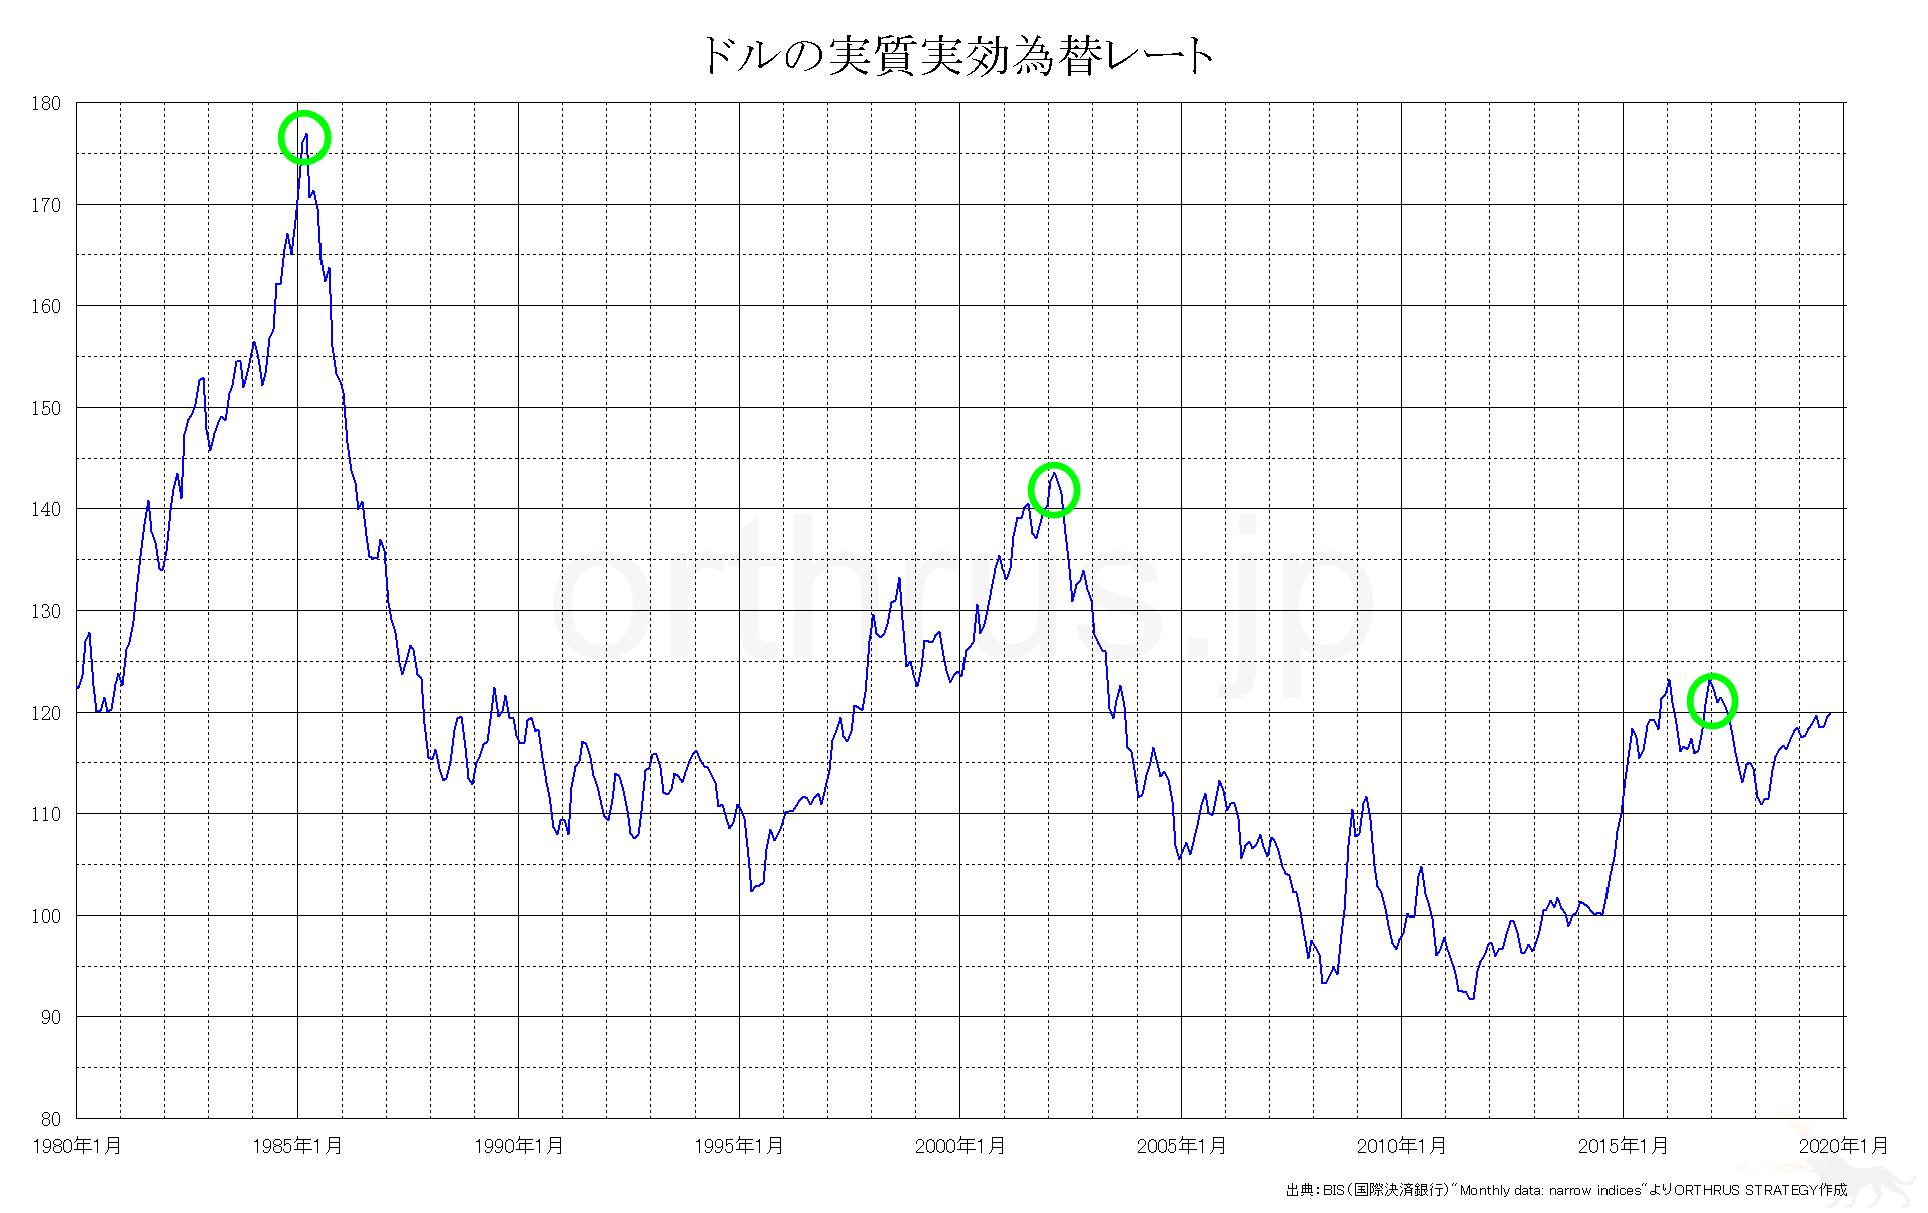 ドルの実質実効為替レートのチャート